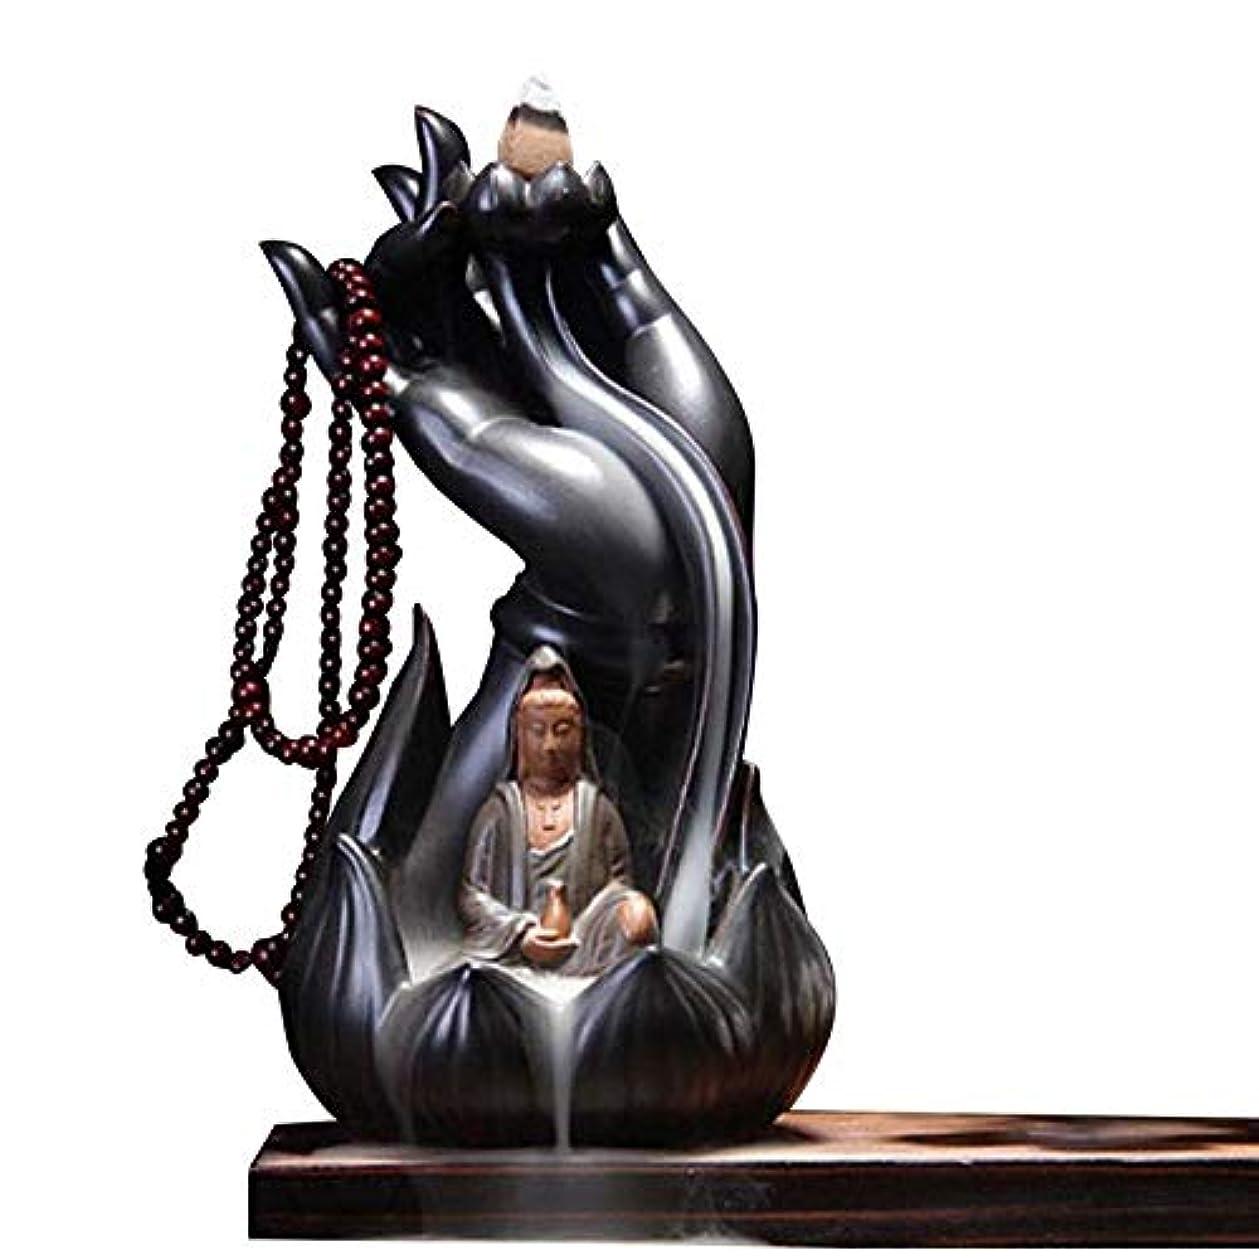 肖像画アルバム要件Getupp 陶器 倒流香 香炉 線香立て 流川香 お香用具 お線香 渦巻き線香 アロマ 香熏香炉 逆流 癒し香炉 仏壇用香炉 自然の雰囲気 ヨガ 瞑想 庭園用 (スタイルb)